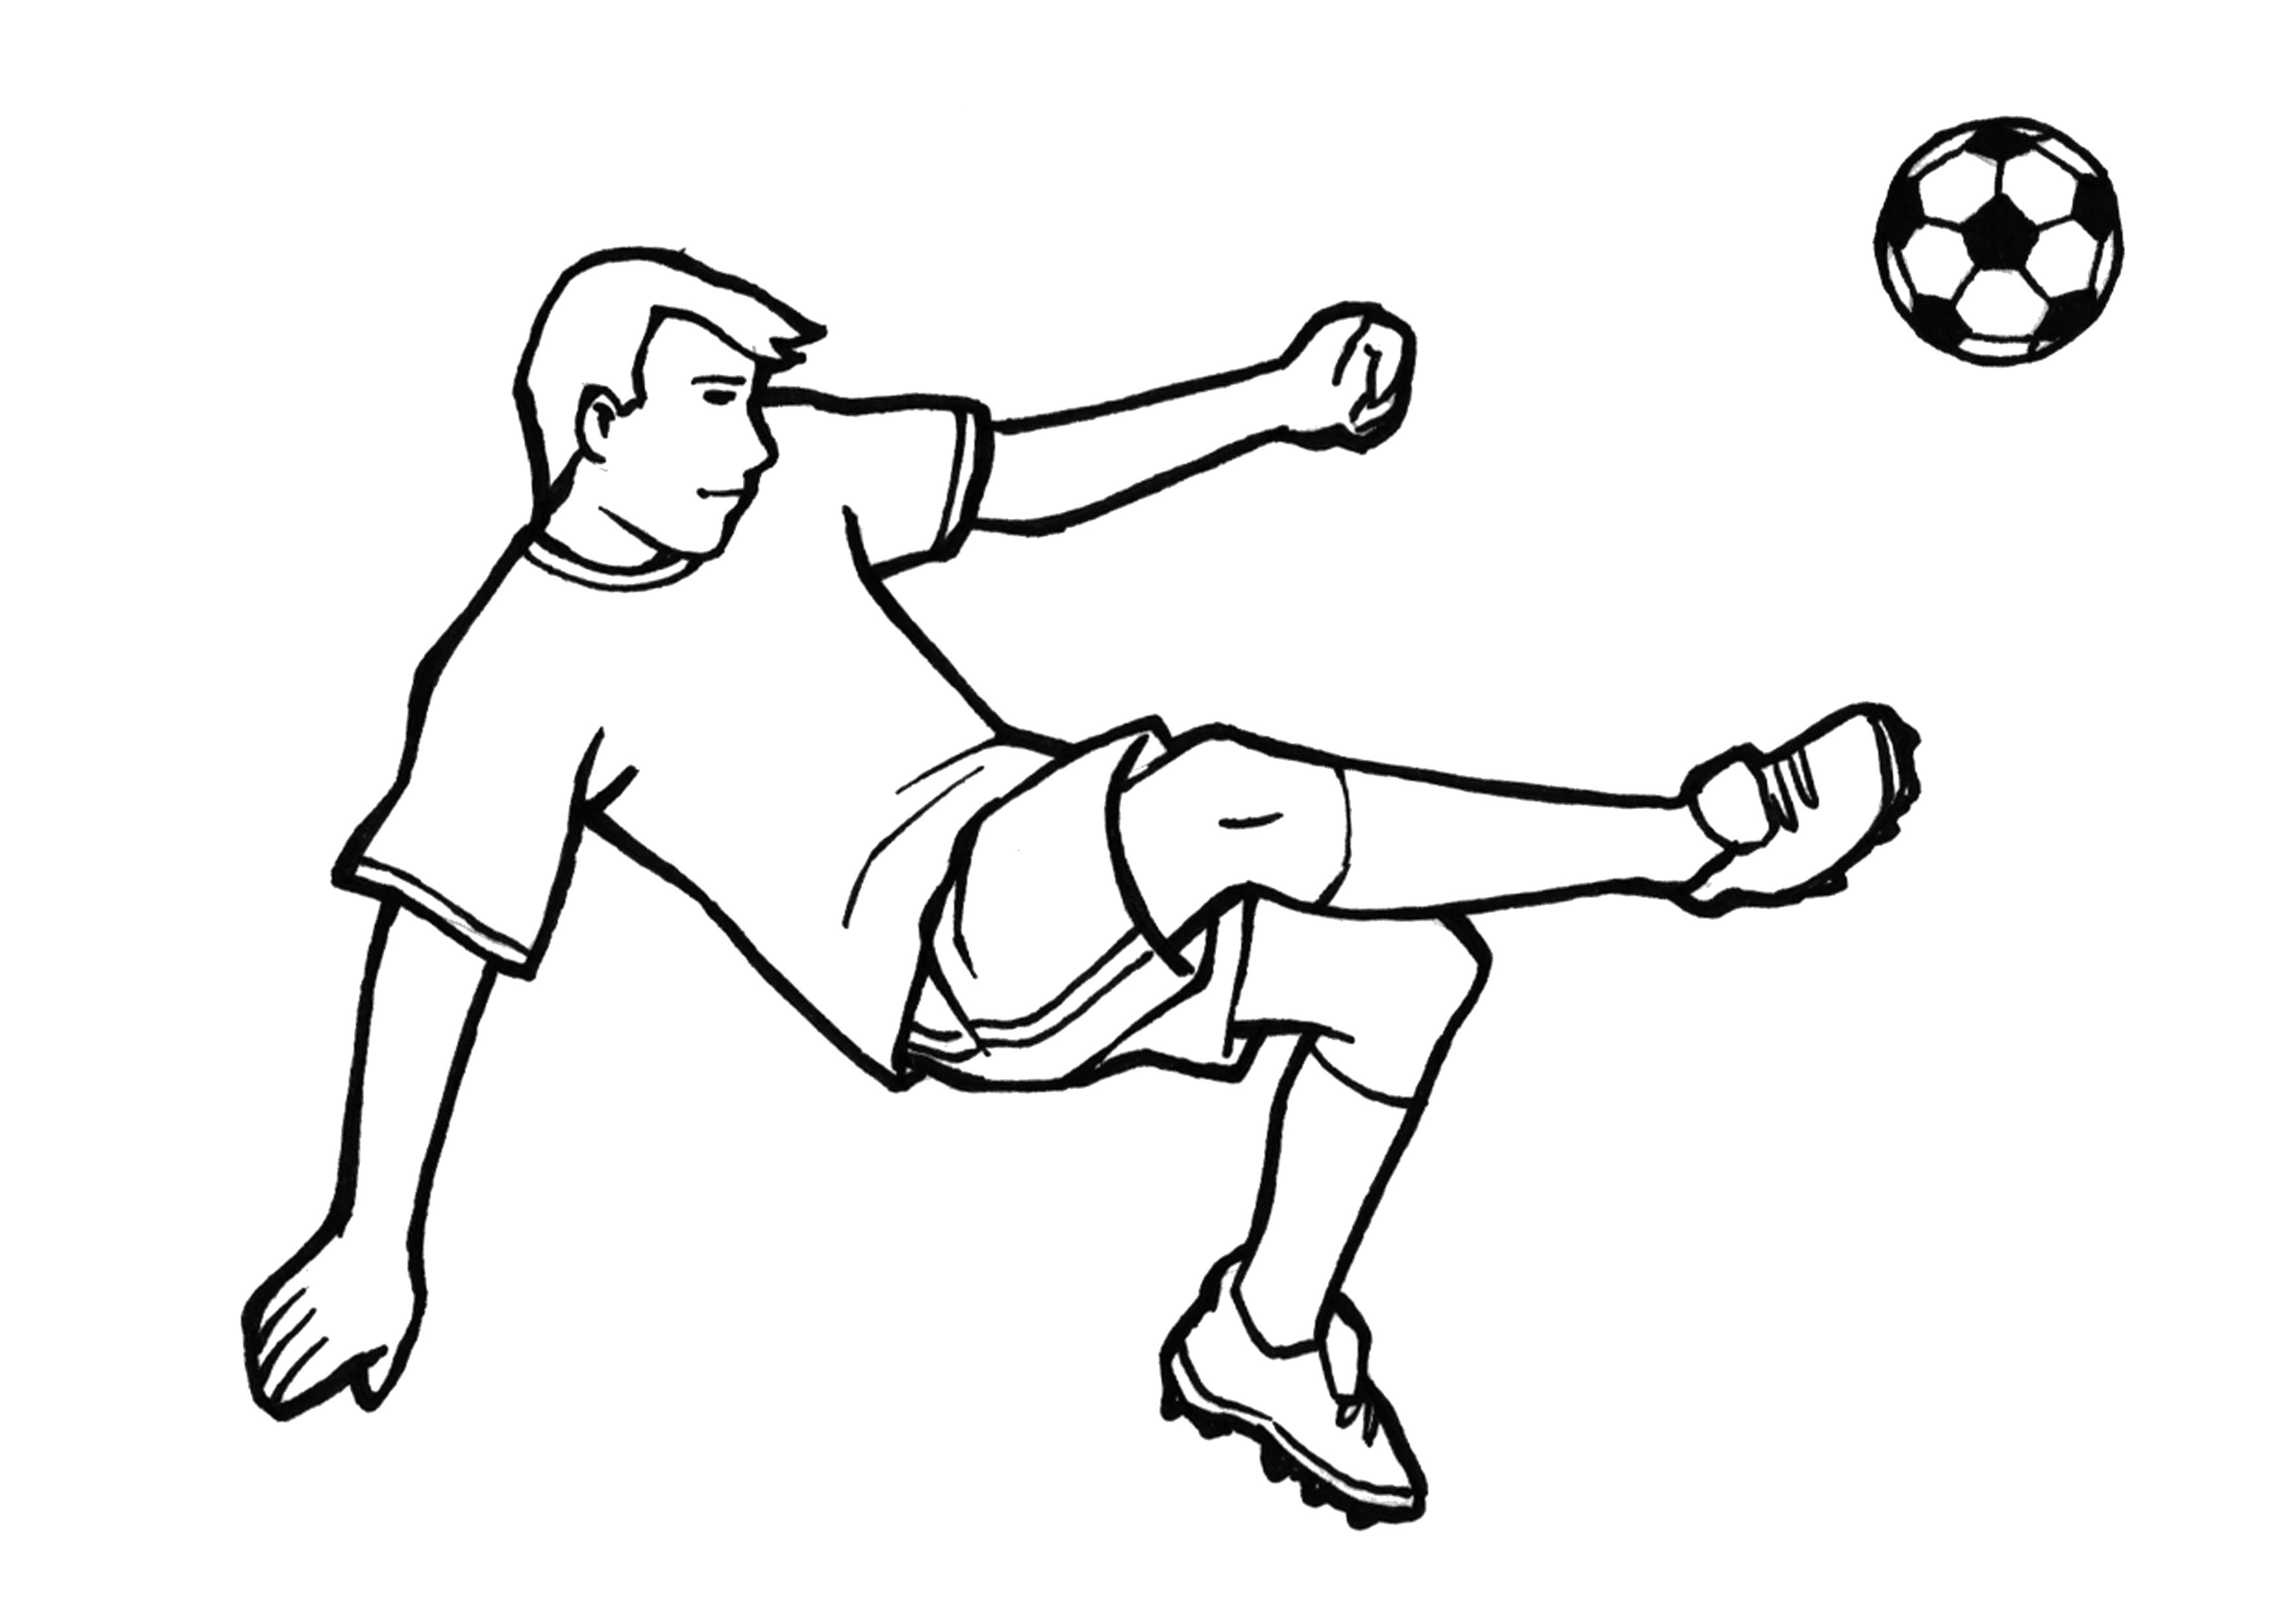 Fußball Ausmalbilder Kinder 1153 Malvorlage Fußball Ausmalbilder ...